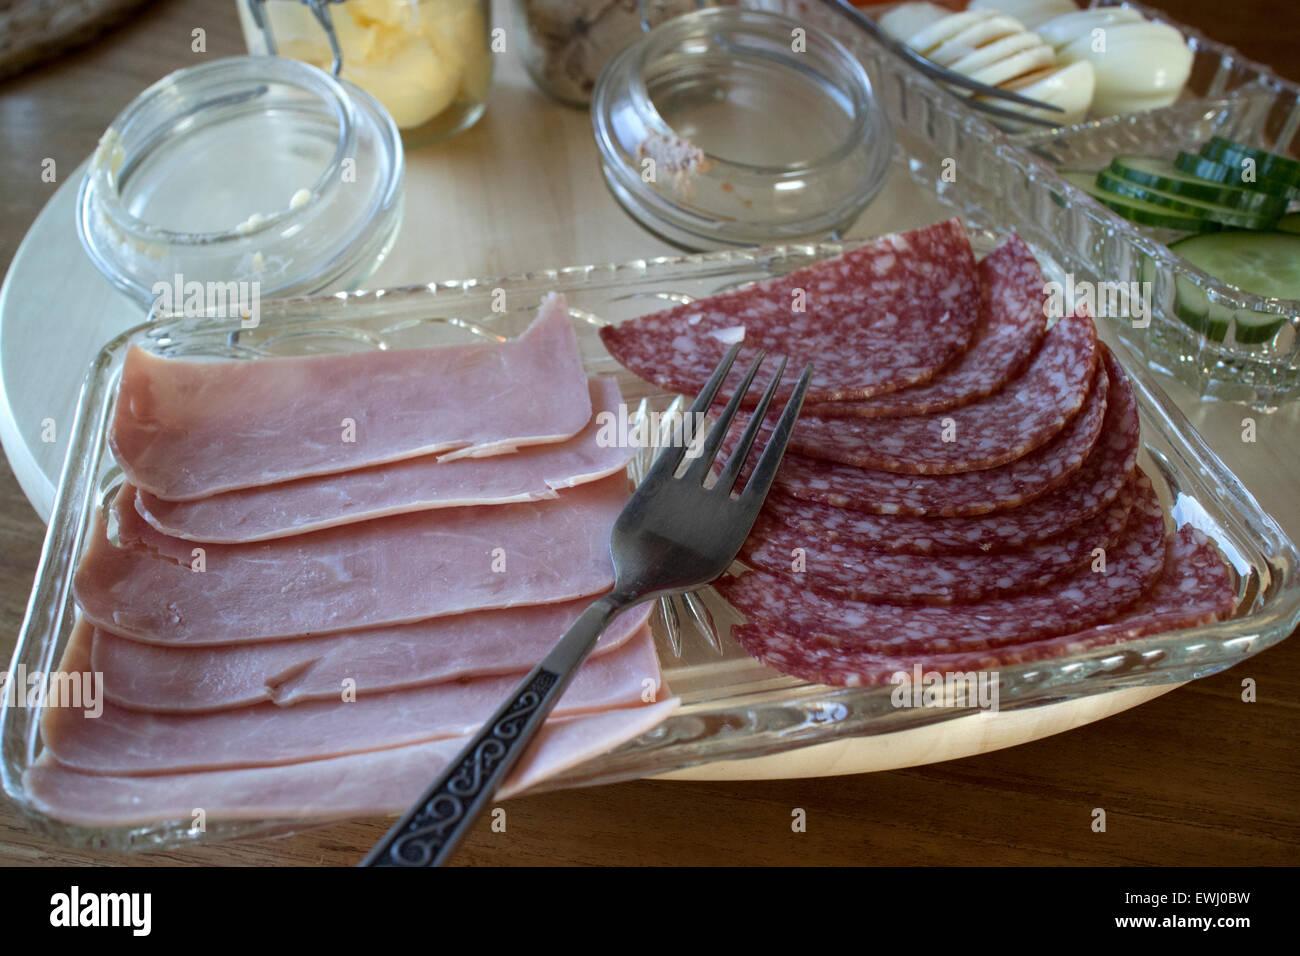 Selección de embutidos, jamón y salami, como parte de un desayuno continental en un guesthouse Islandia Imagen De Stock